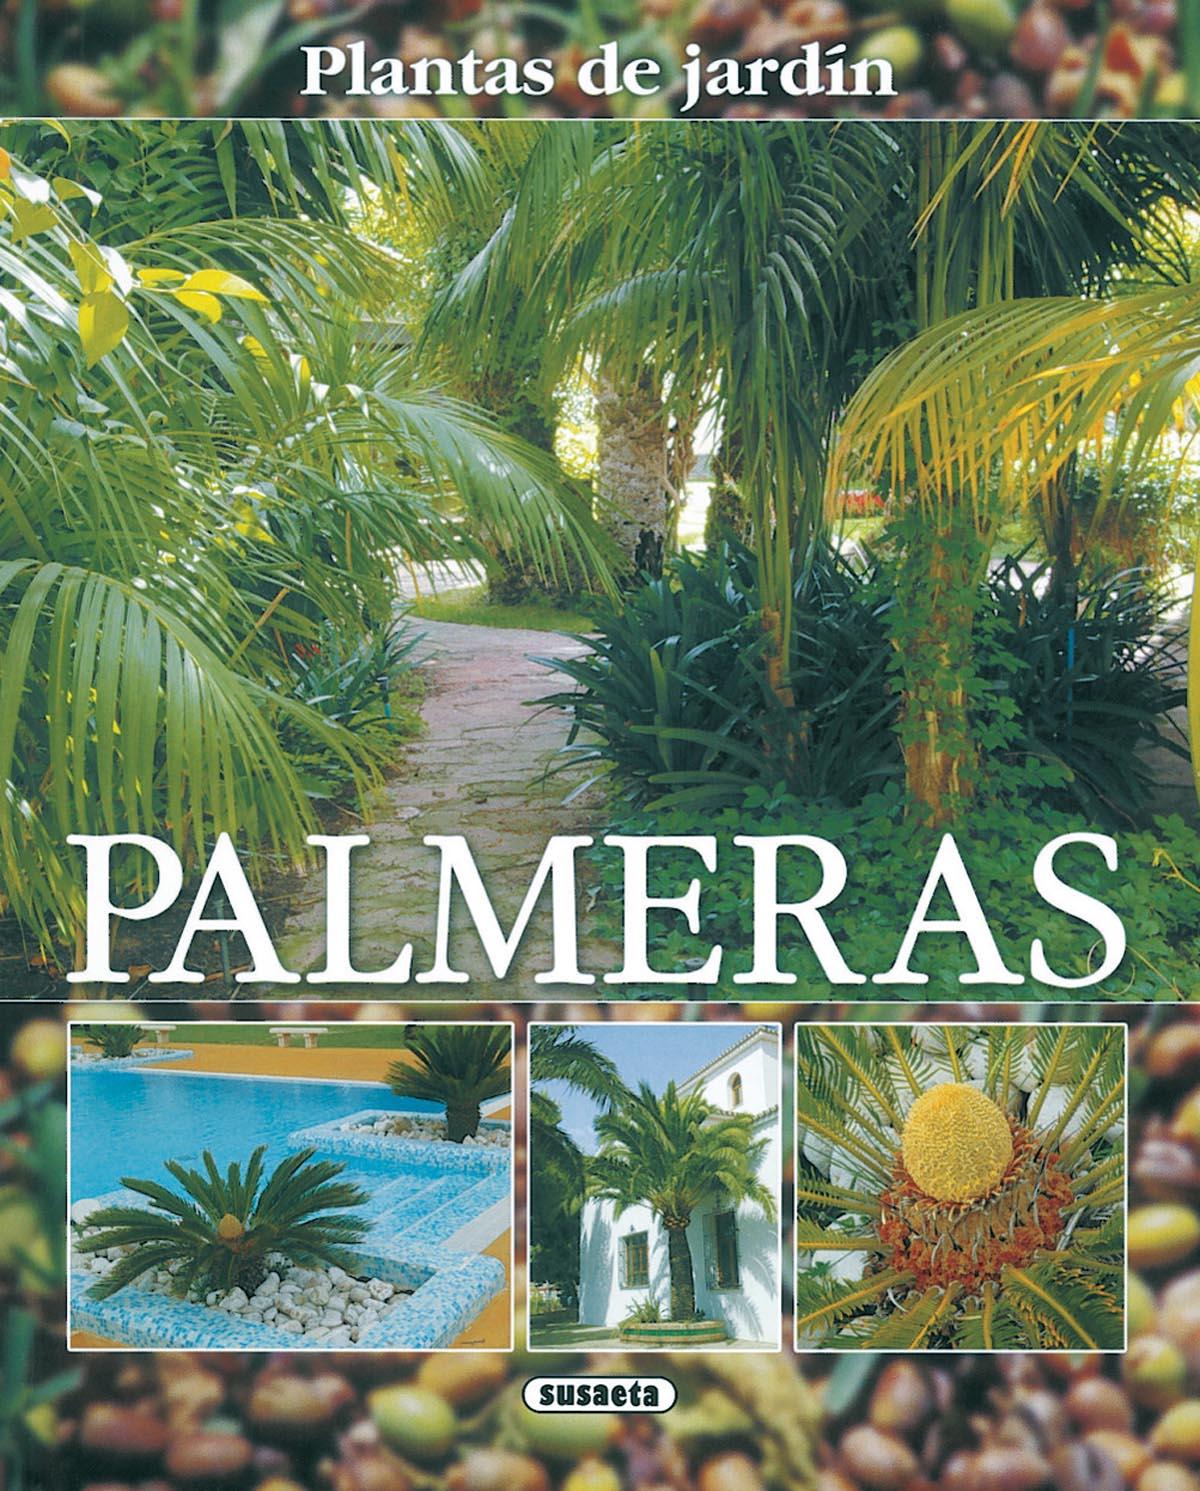 Palmeras plantas de jard n plantukis - Libros sobre jardineria ...